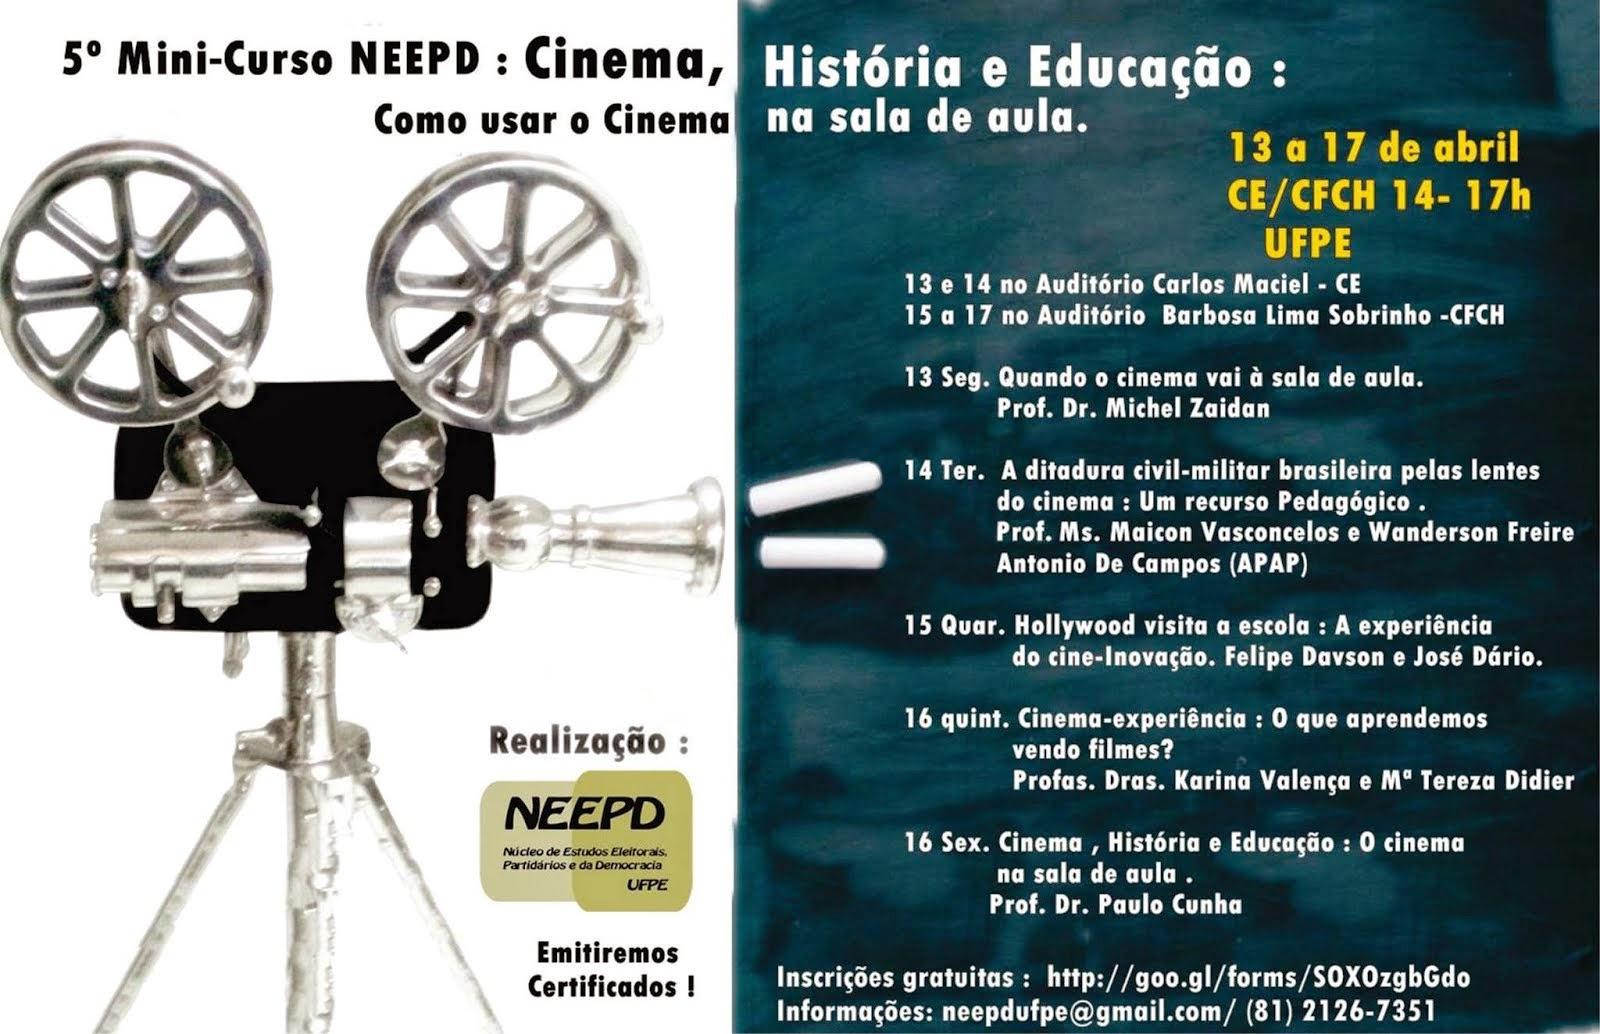 NEEPD: COMO USAR O CINEMA NA SALA DE AULA